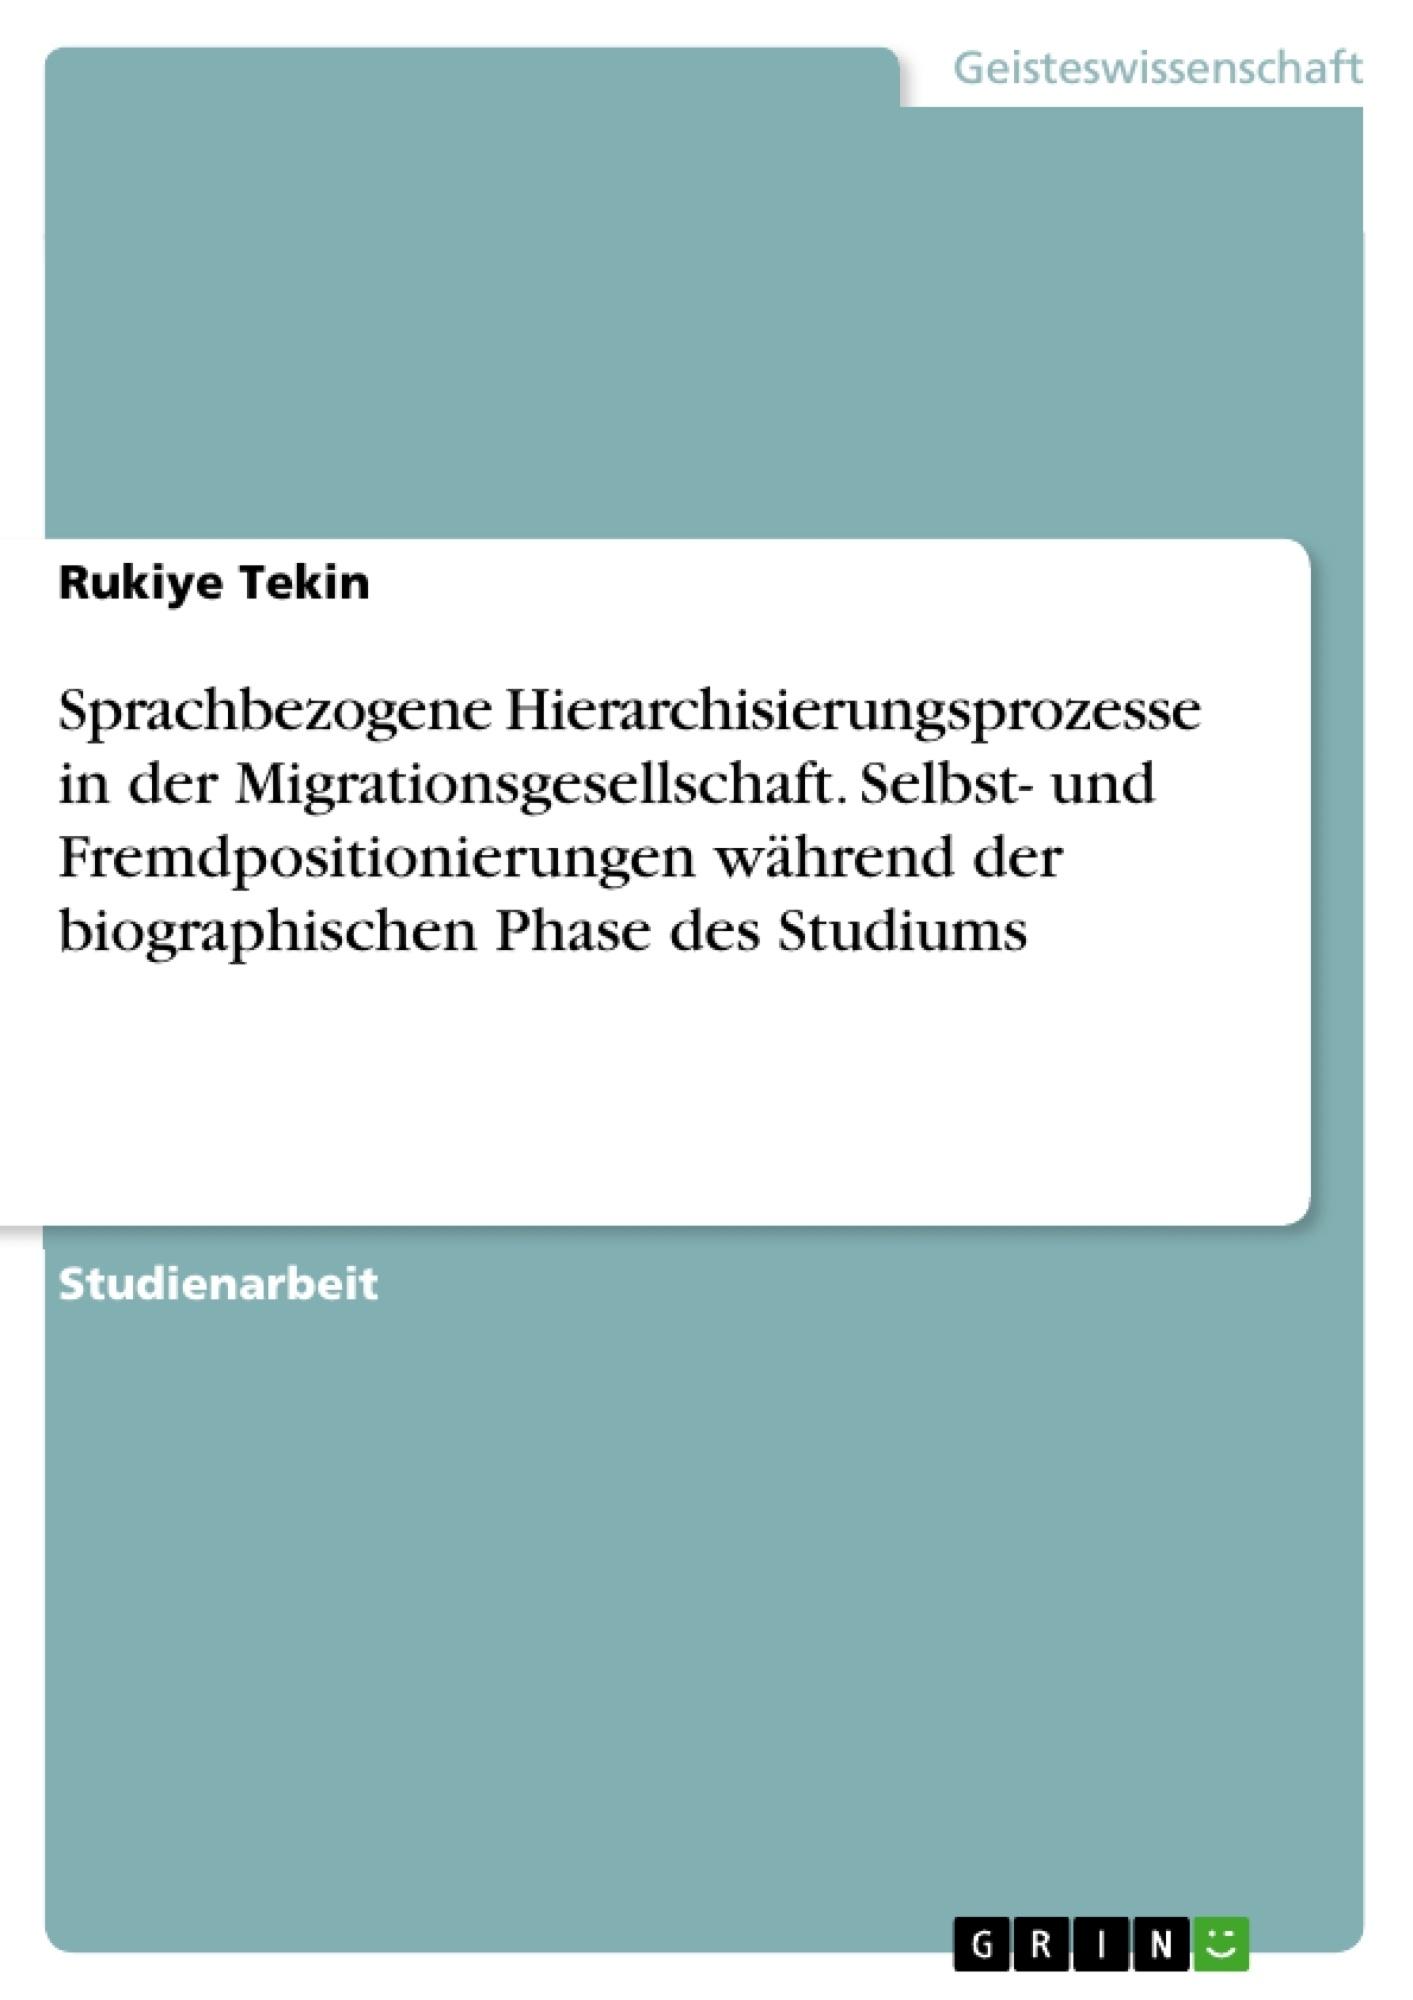 Titel: Sprachbezogene Hierarchisierungsprozesse in der Migrationsgesellschaft. Selbst- und Fremdpositionierungen während der biographischen Phase des Studiums